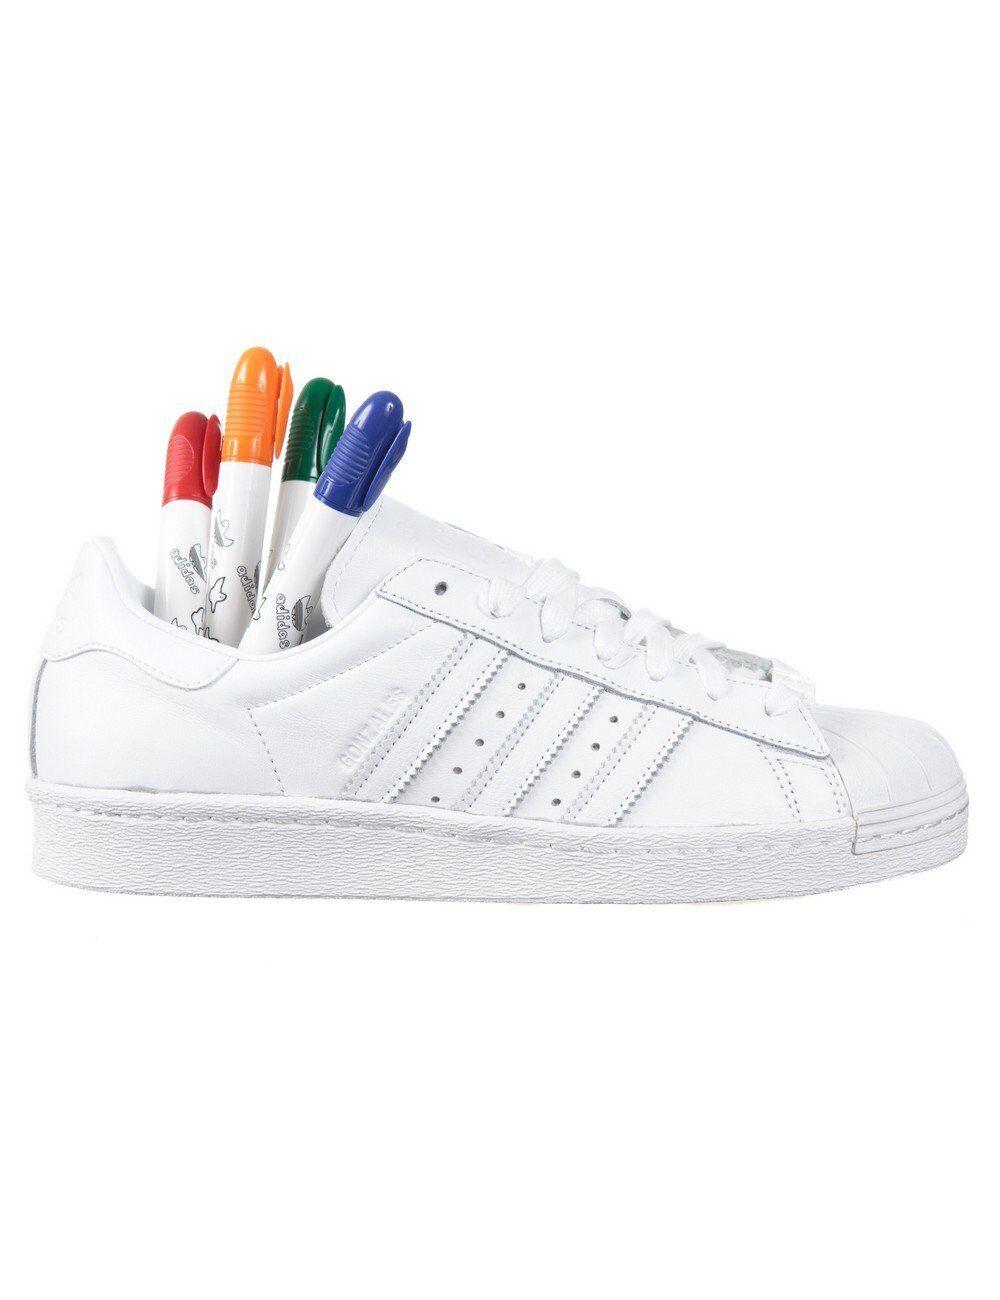 Billig hohe hohe hohe Qualität Adidas Originals b84156